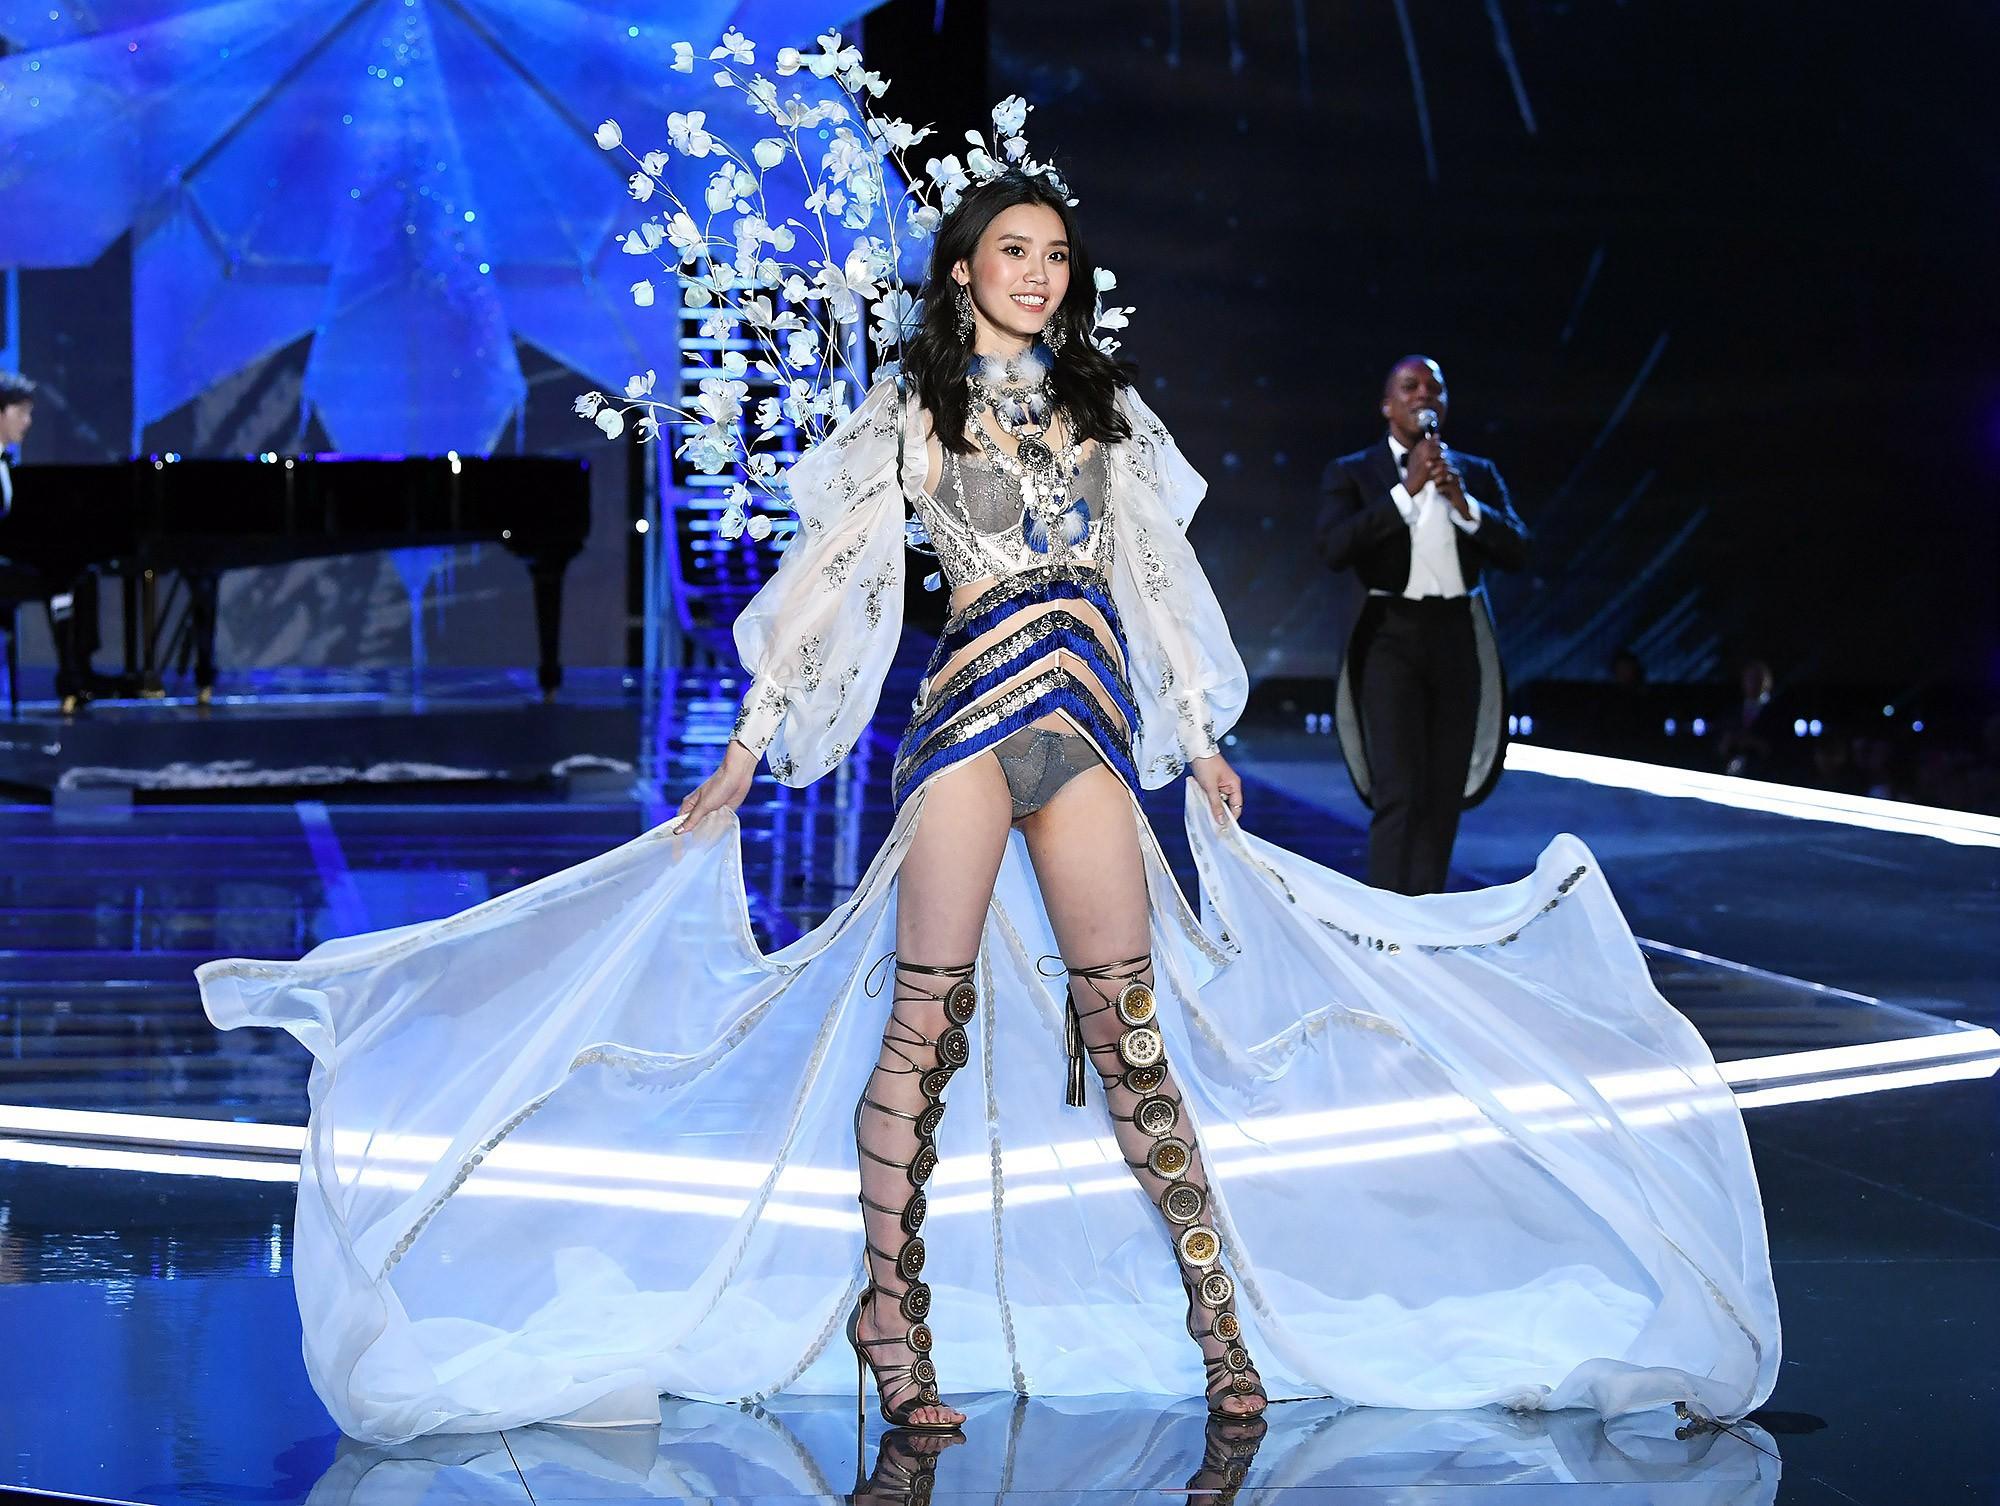 Chân dài Victoria's Secret lần đầu nói về màn cầu hôn khoa trương, không hài lòng điểm này ở thiếu gia tỷ đô - Ảnh 9.